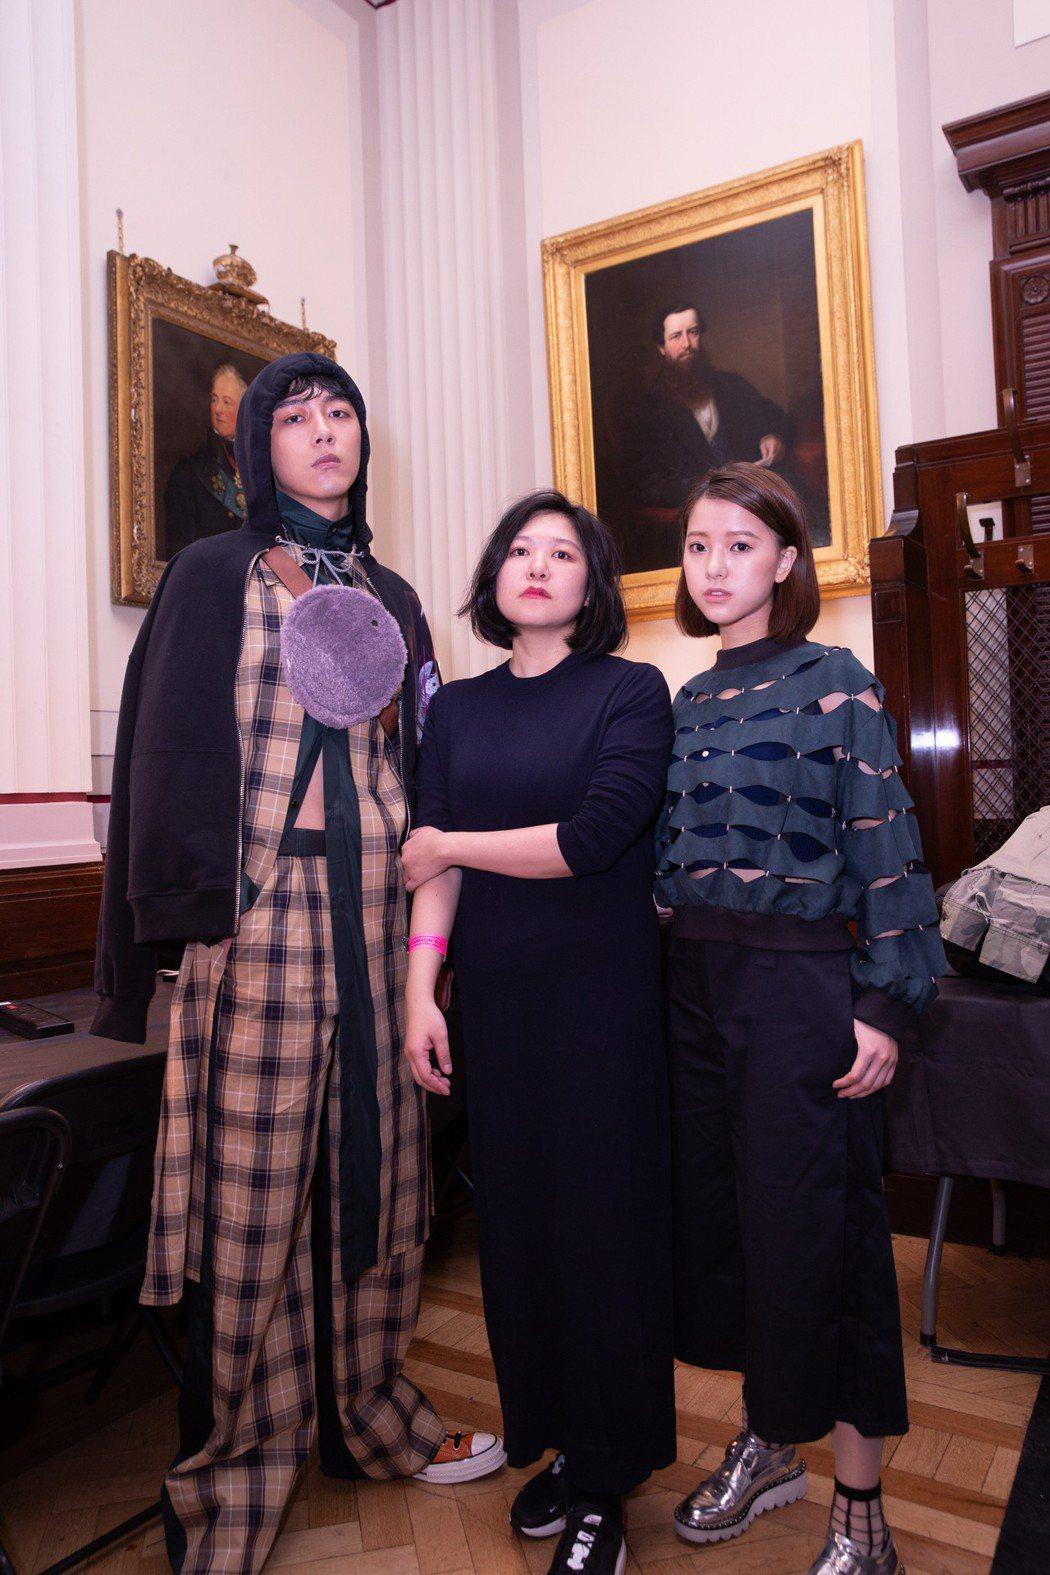 蔡凡熙(左起)、時裝設計師吳若羚以及項婕如登上倫敦時裝周大秀。圖/群星瑞智提供